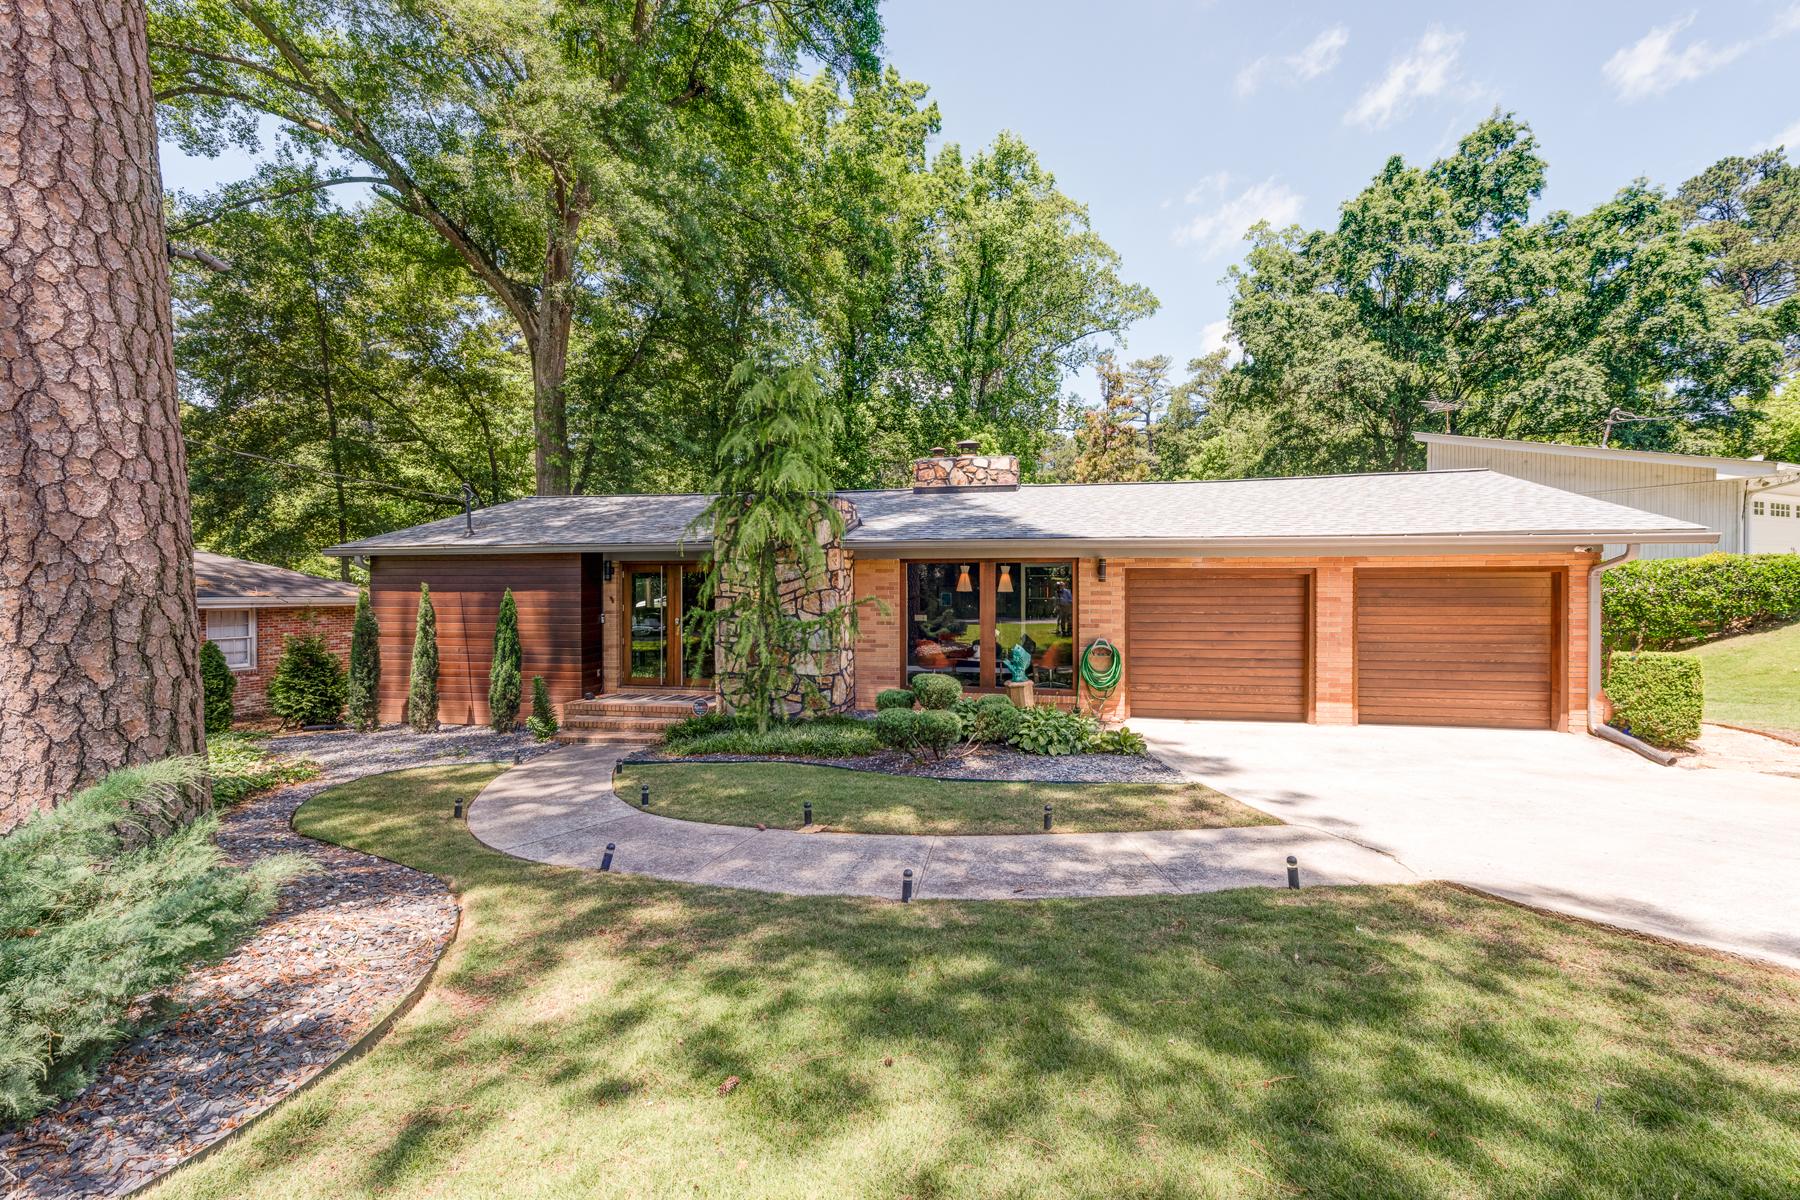 Частный односемейный дом для того Продажа на Renovated Modern Ranch In Pine Hills 1686 Dunwoody Place NE Pine Hills, Atlanta, Джорджия, 30324 Соединенные Штаты